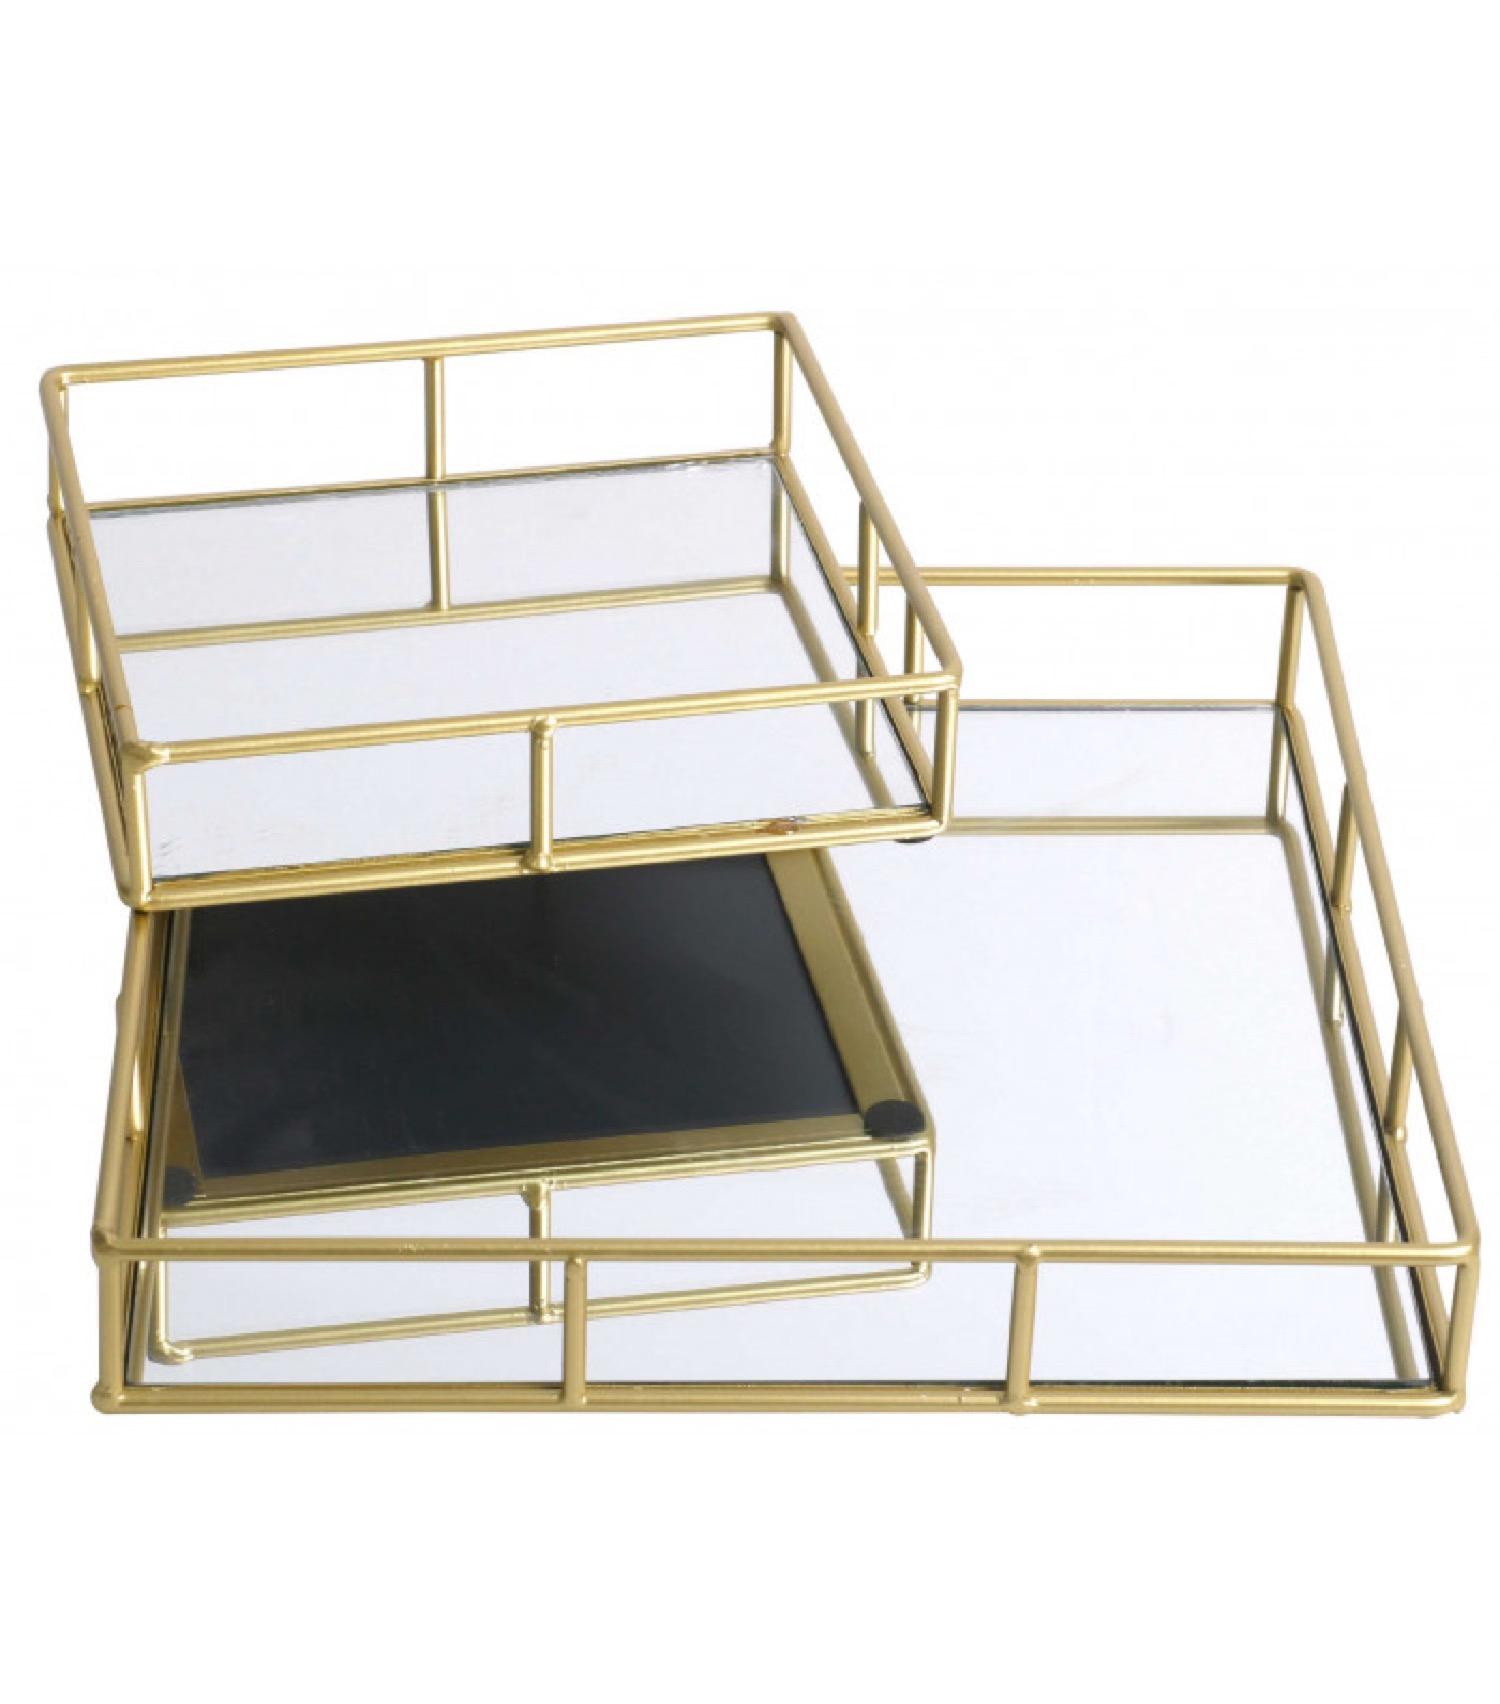 Set de 2 plateaux en métal doré et miroir carrés 30x30x5cm